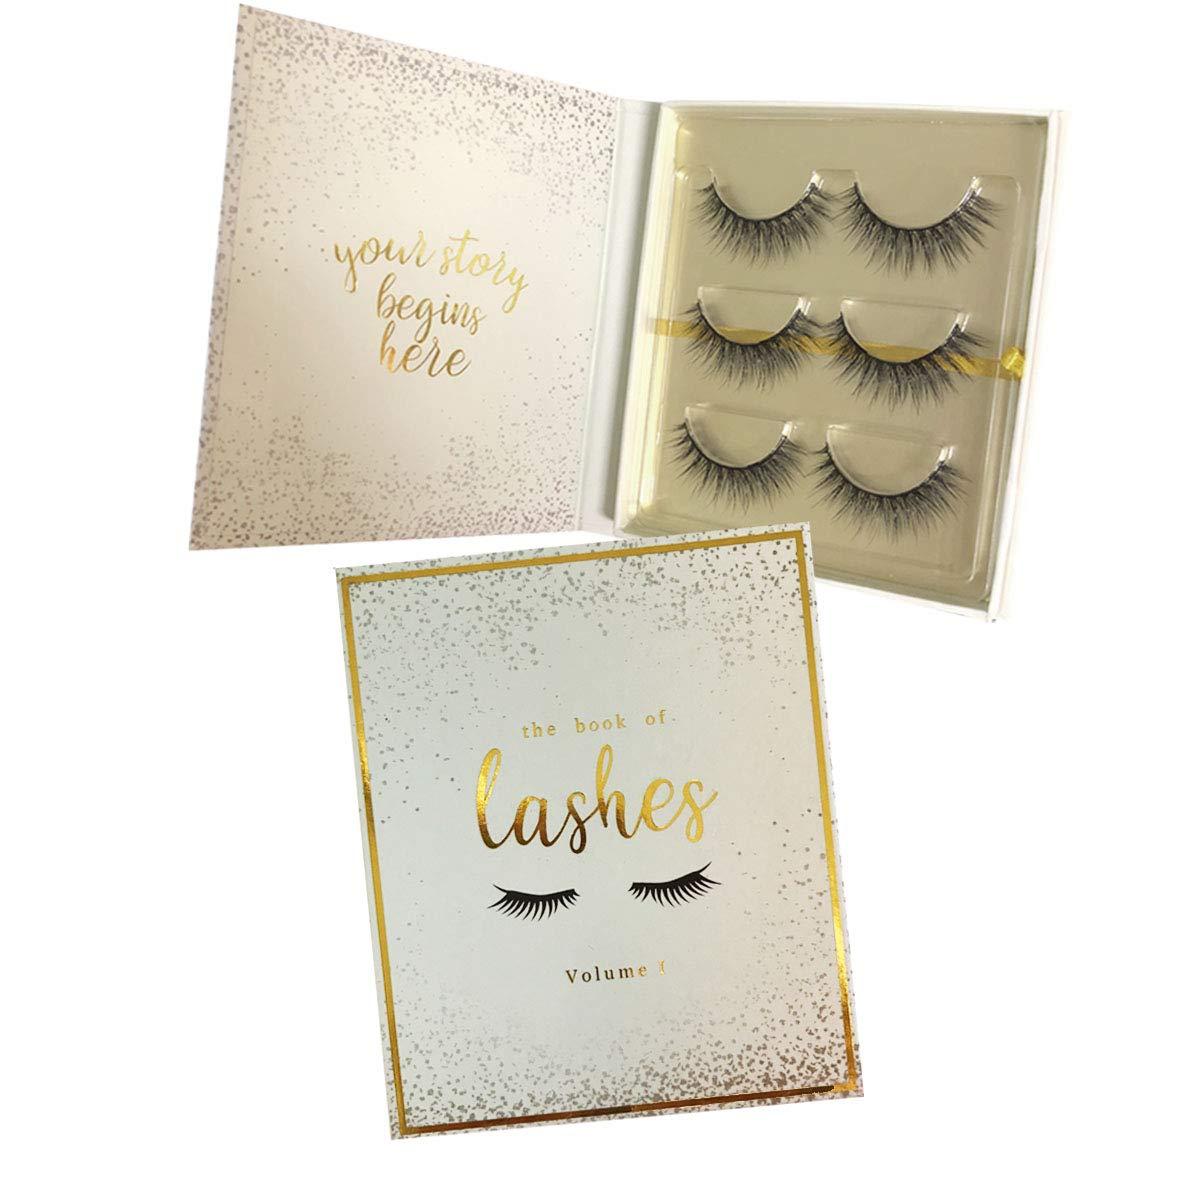 0212fce3887 Amazon.com : The Book of Lashes: Volume 1 - Reusable False Eyelashes ...